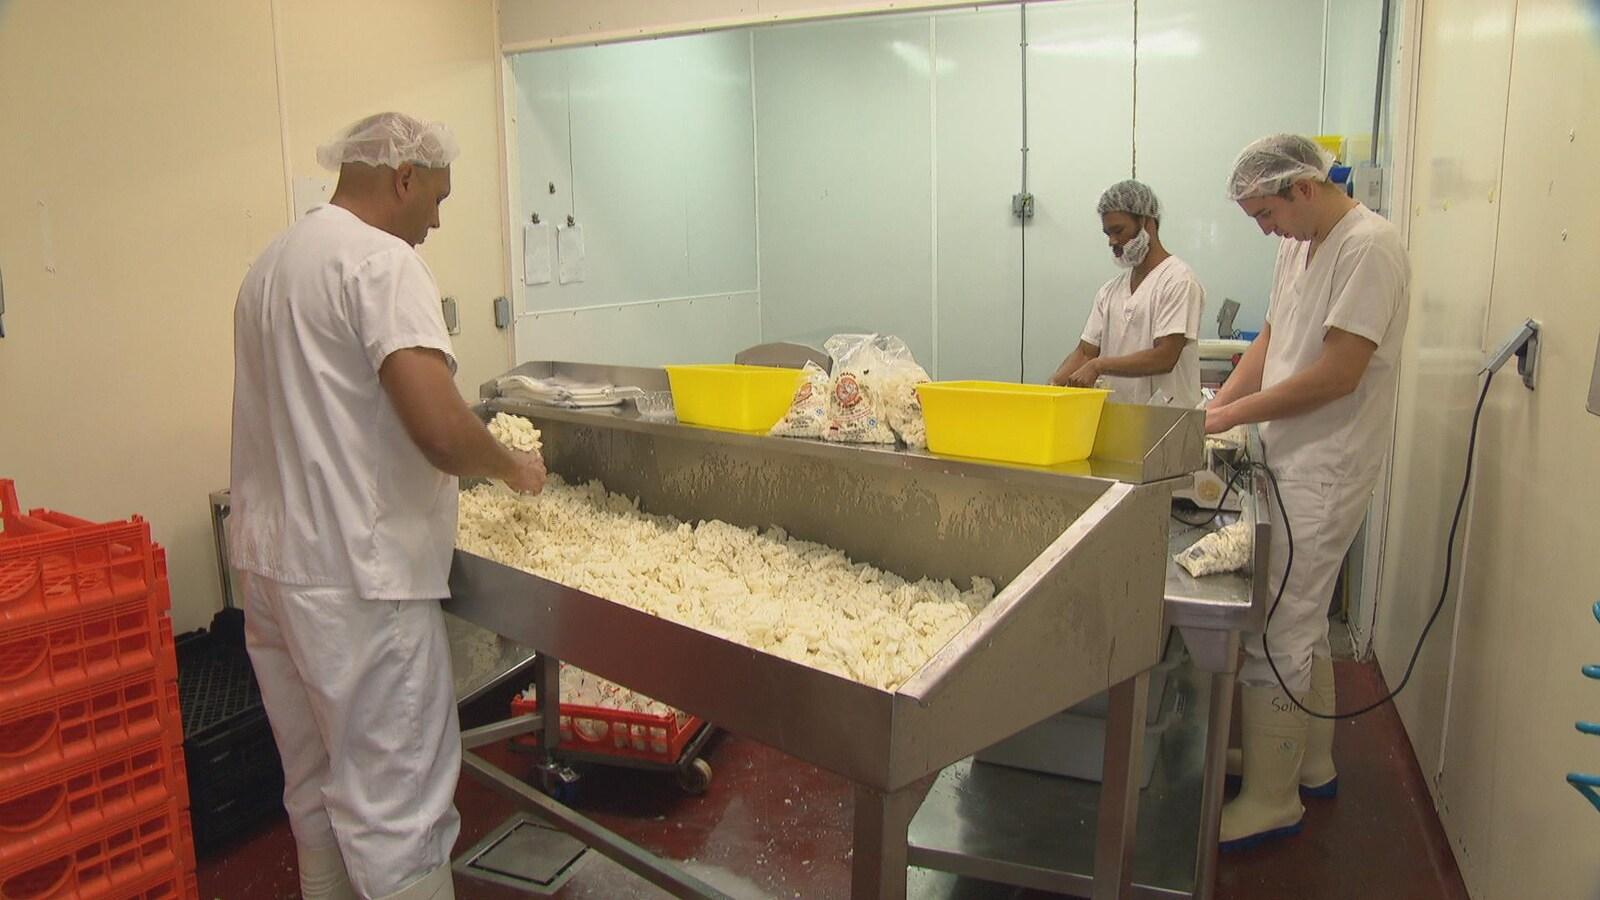 Des employés produisent et emballent du fromage dans une salle.